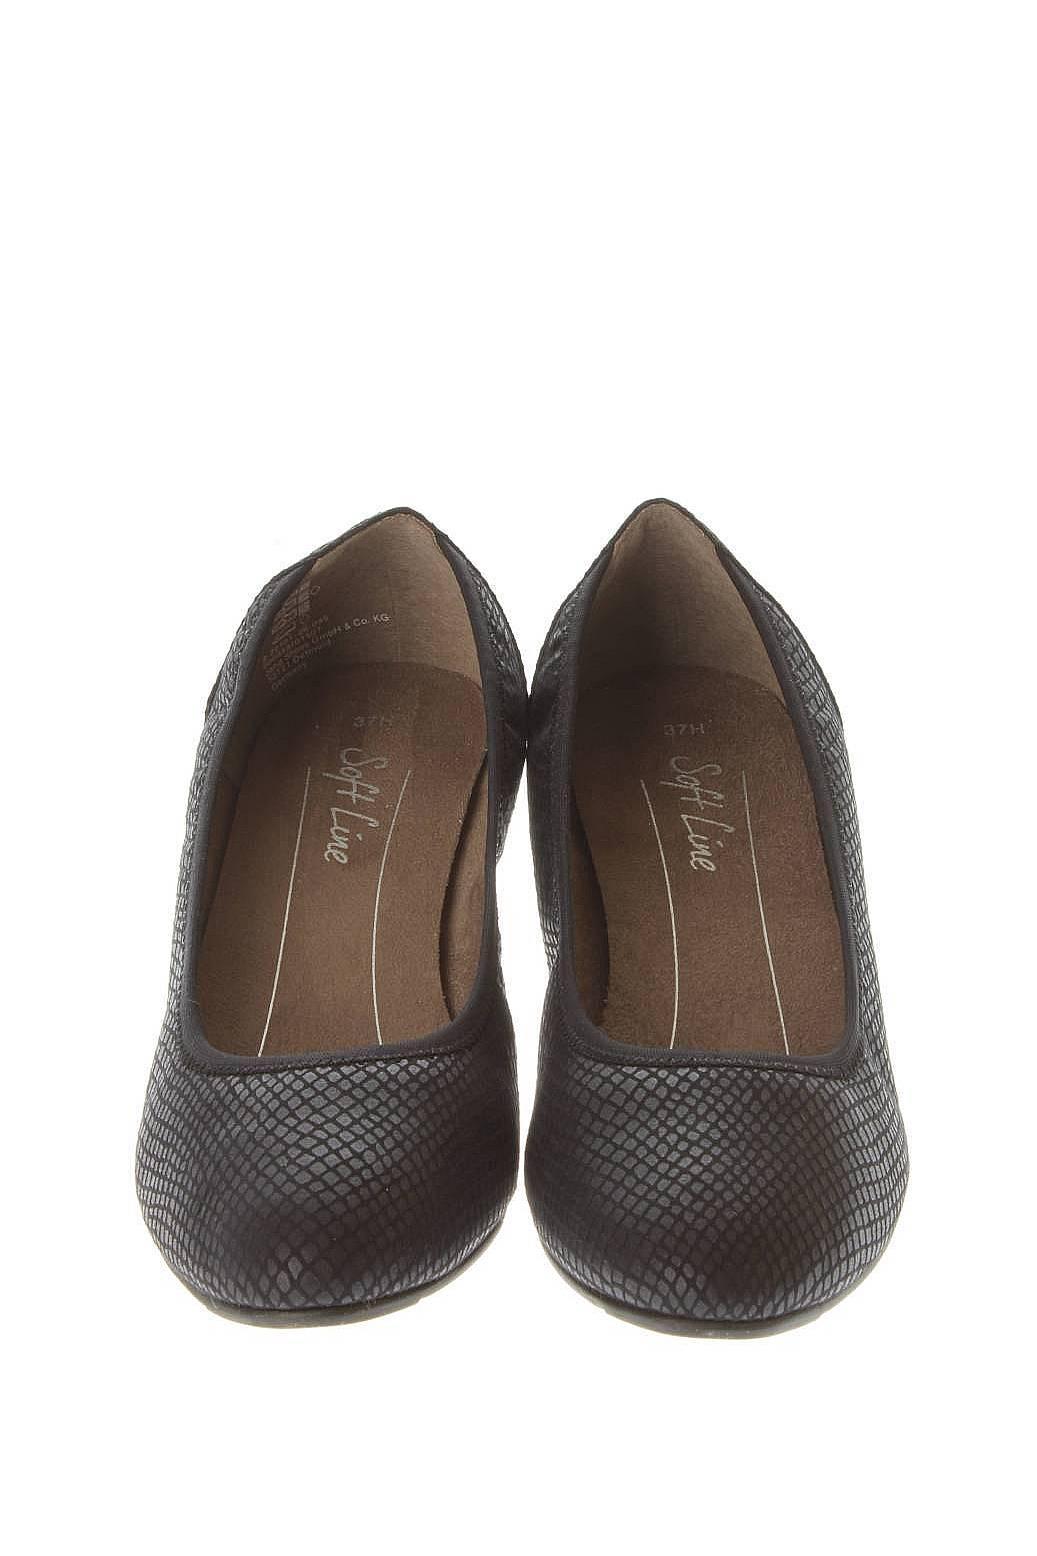 Мужская Обувь Детская Обувь Женская Обувь Туфли: Soft Line Обувь